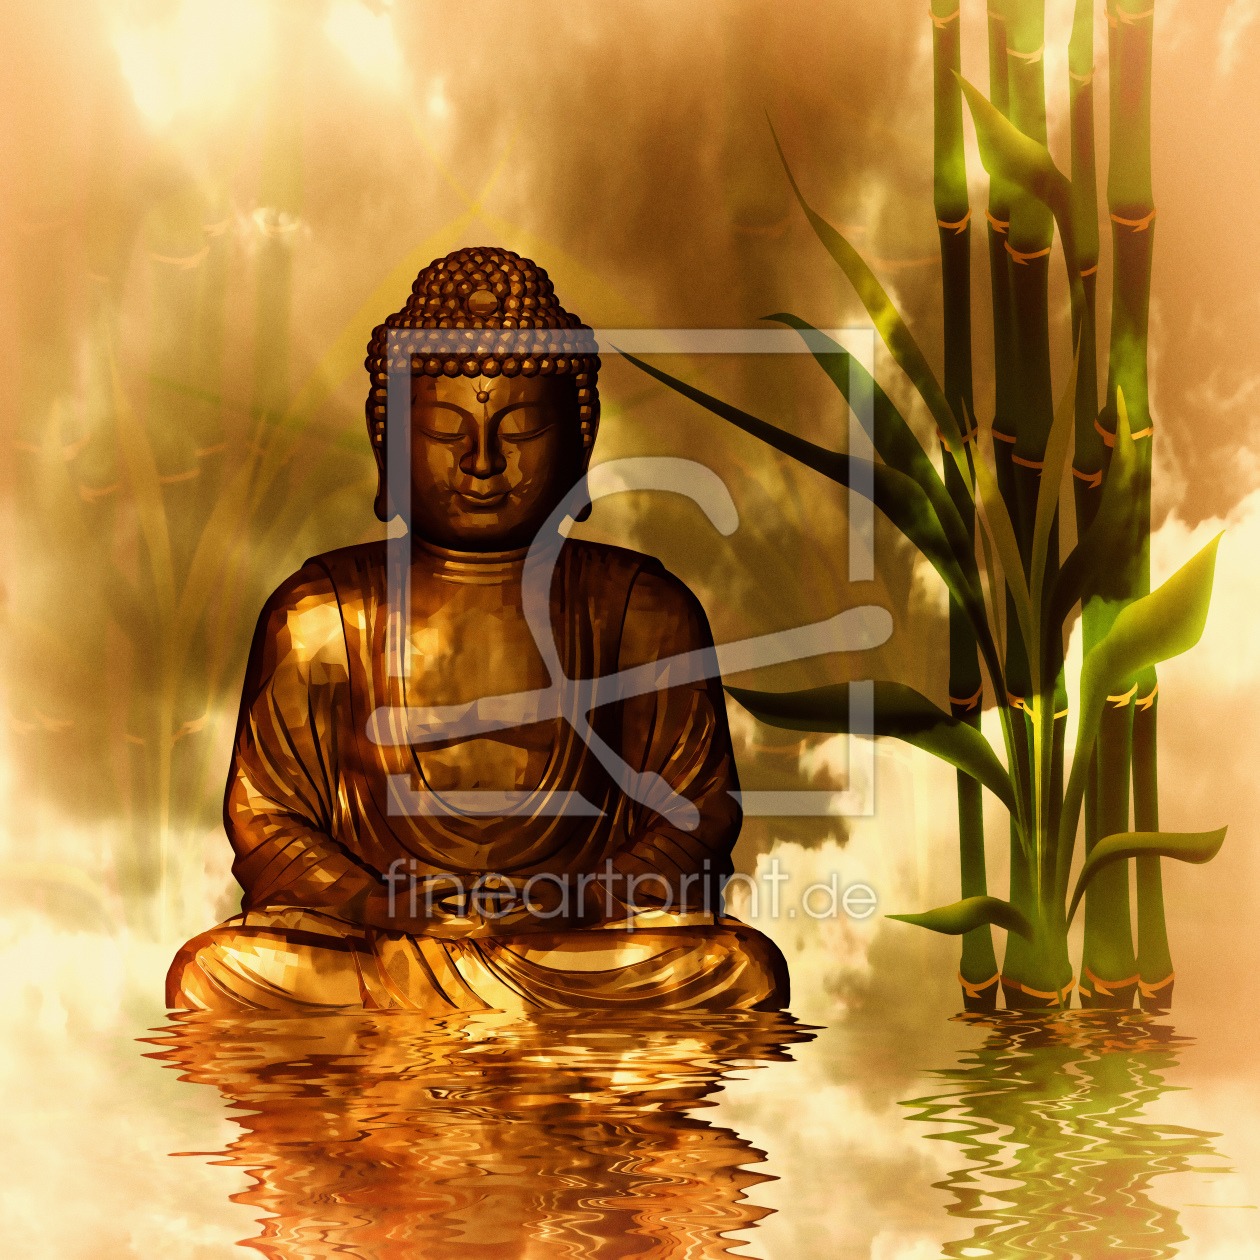 buddha als leinwand von dagmarmarina erh ltlich bei fine. Black Bedroom Furniture Sets. Home Design Ideas